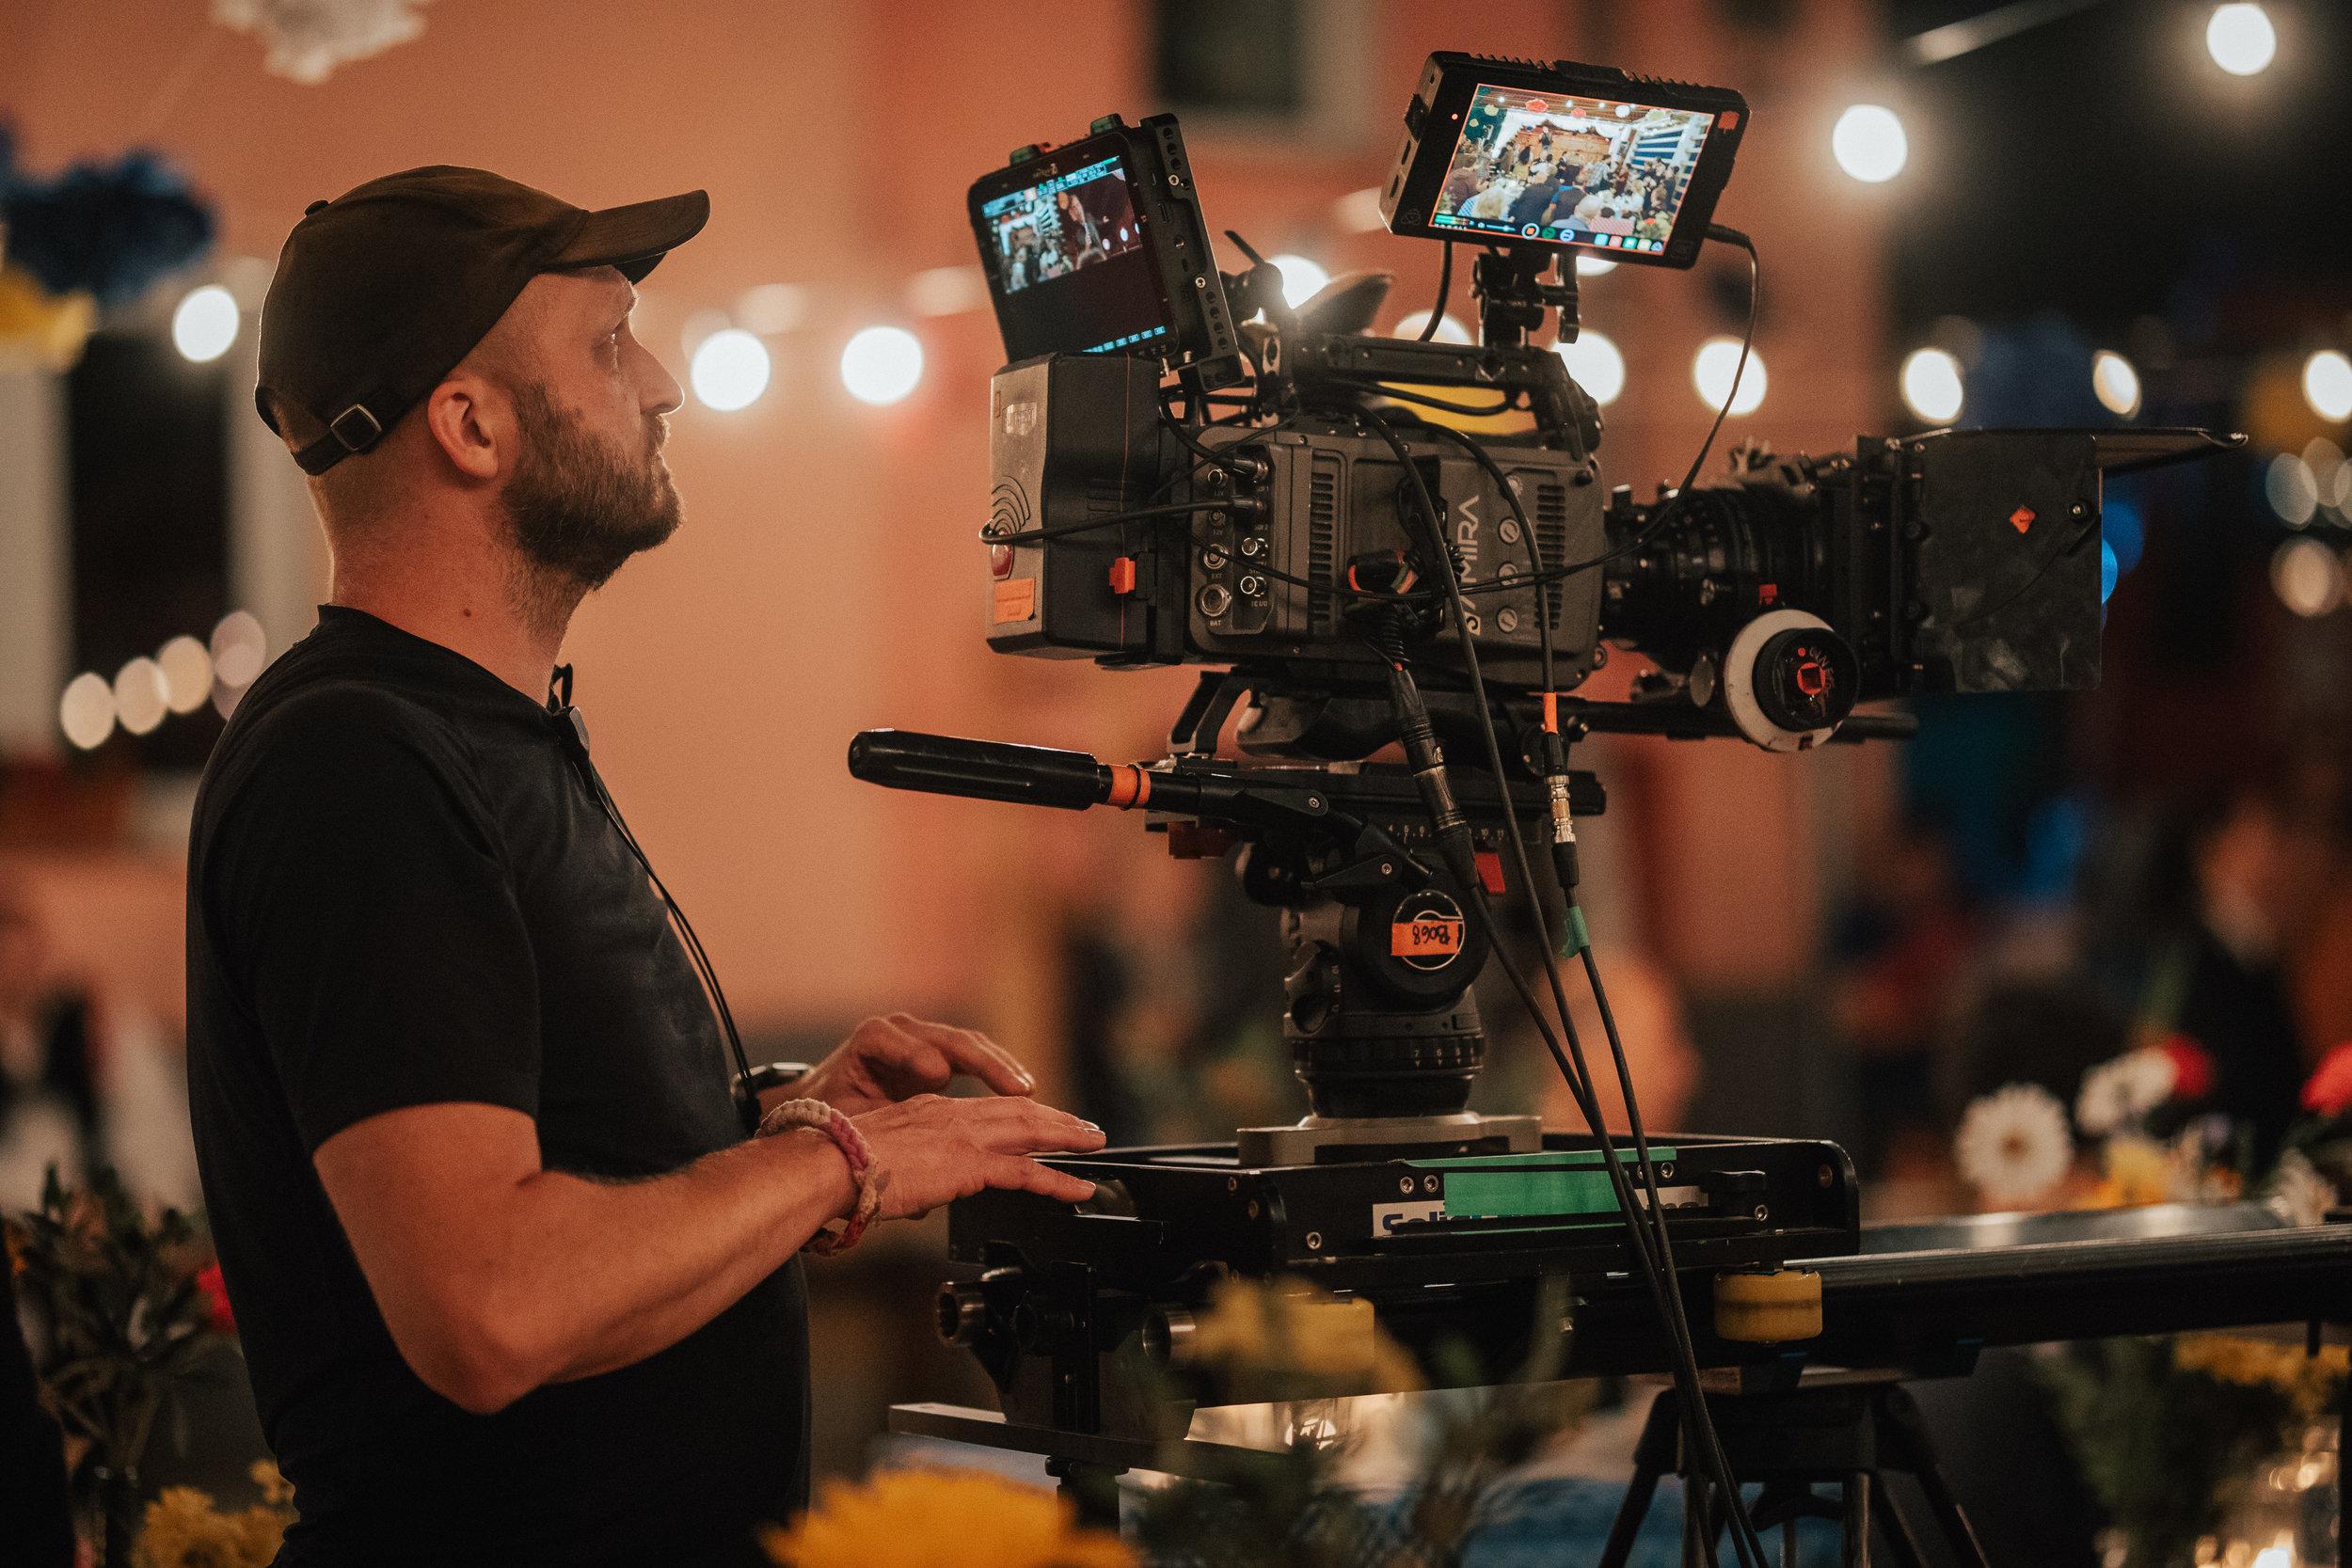 'Reka ljubezni' season 3 (2018)    Production: Perfo    Director: Nejc Levstik    DOP: Peter Prevec    In frame: DOP Peter Prevec